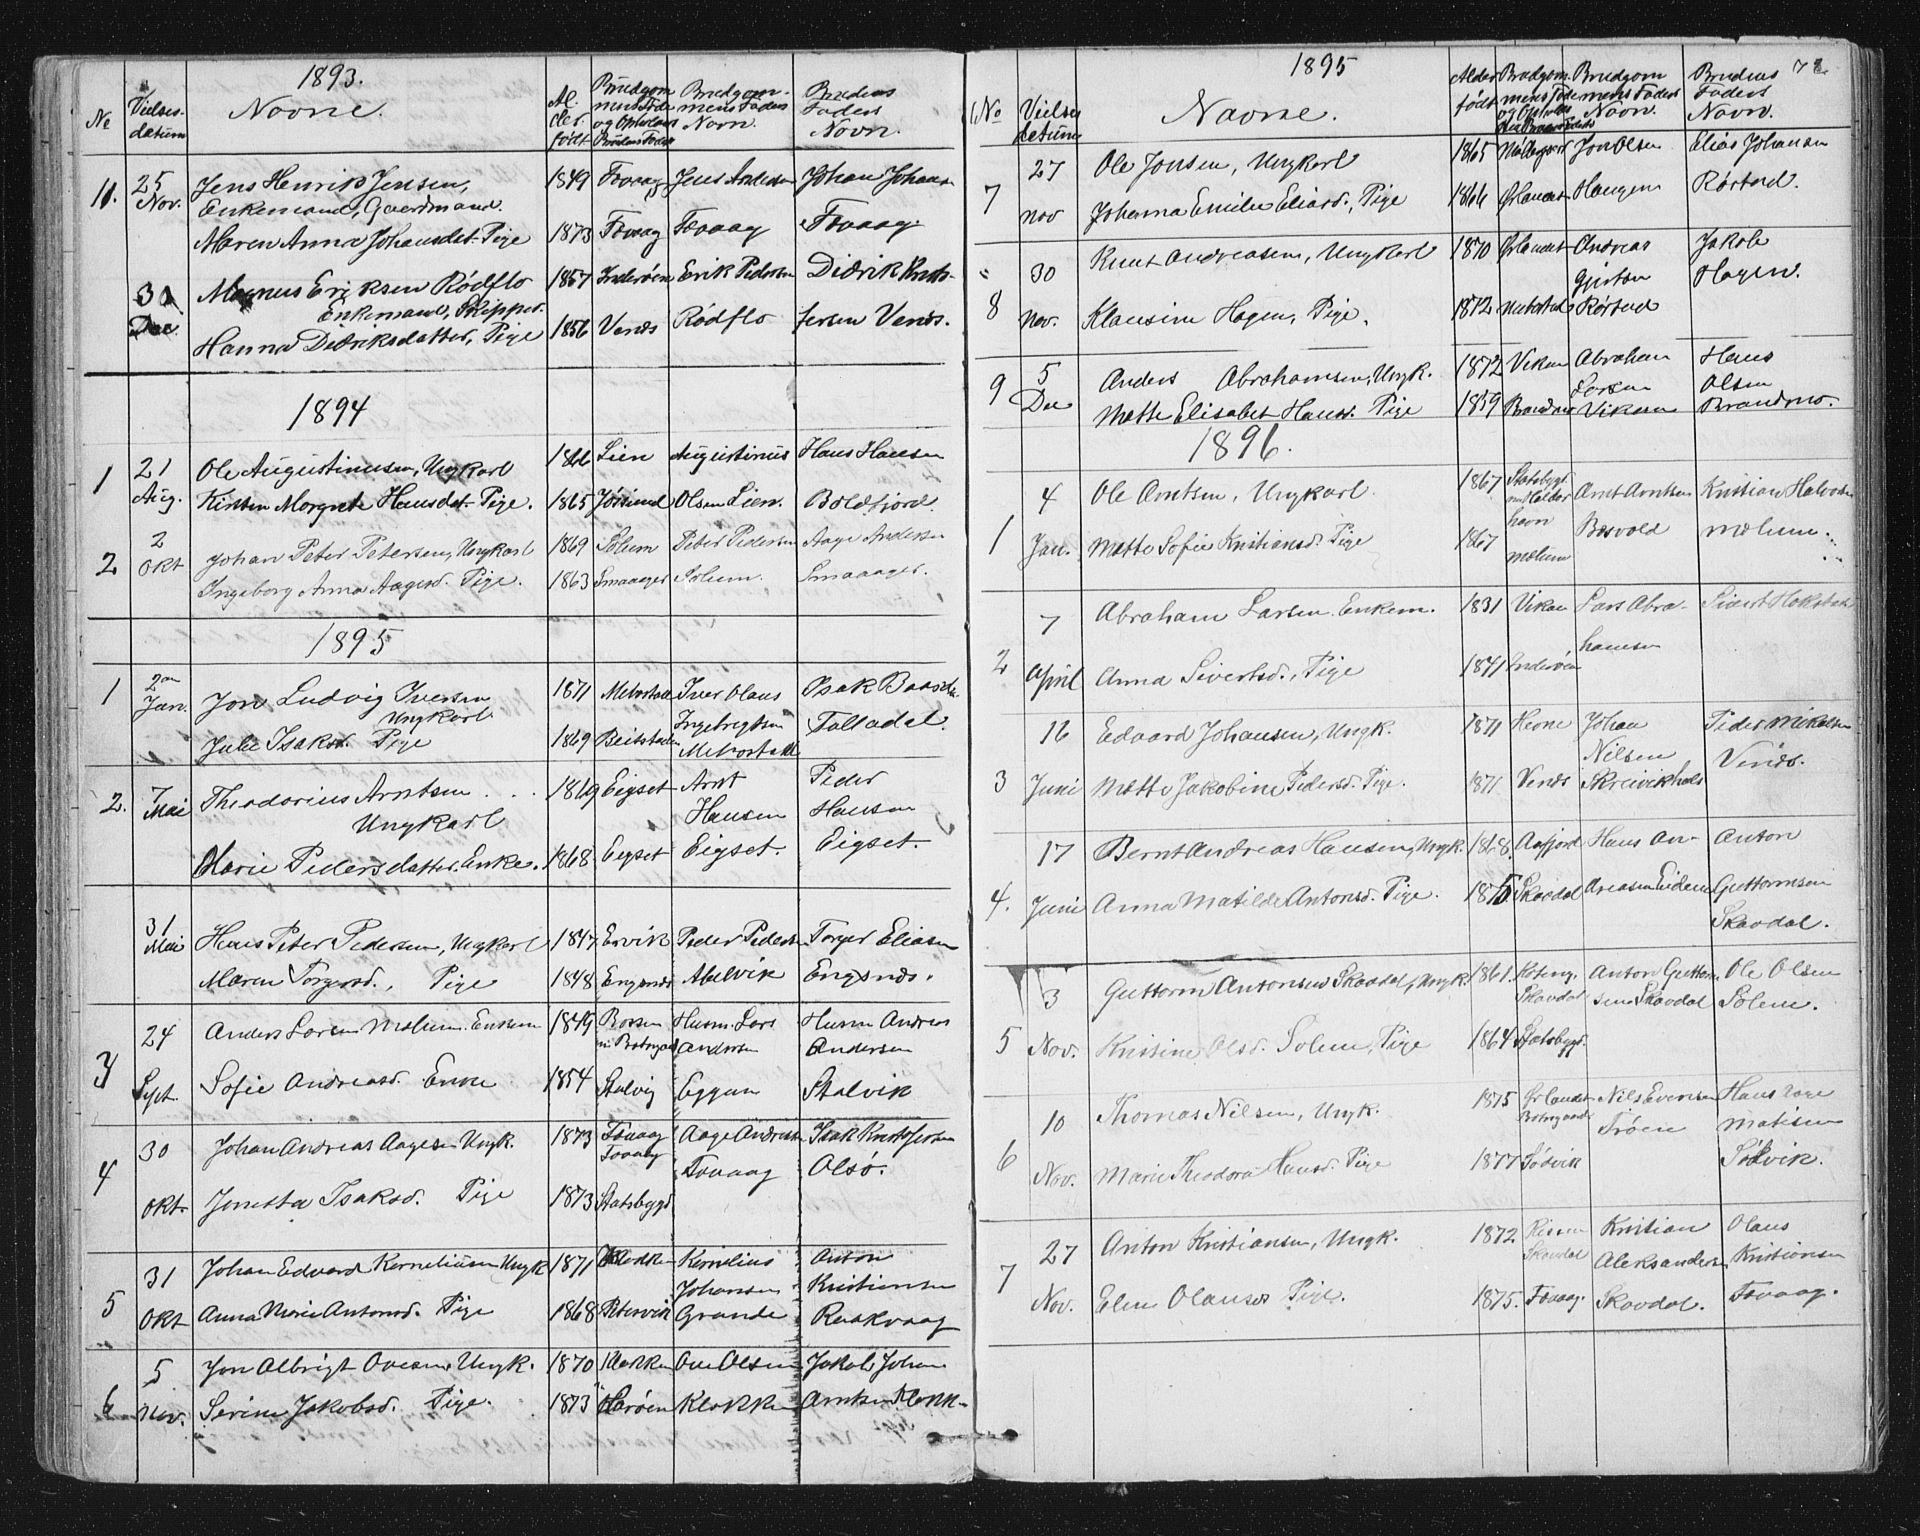 SAT, Ministerialprotokoller, klokkerbøker og fødselsregistre - Sør-Trøndelag, 651/L0647: Klokkerbok nr. 651C01, 1866-1914, s. 72